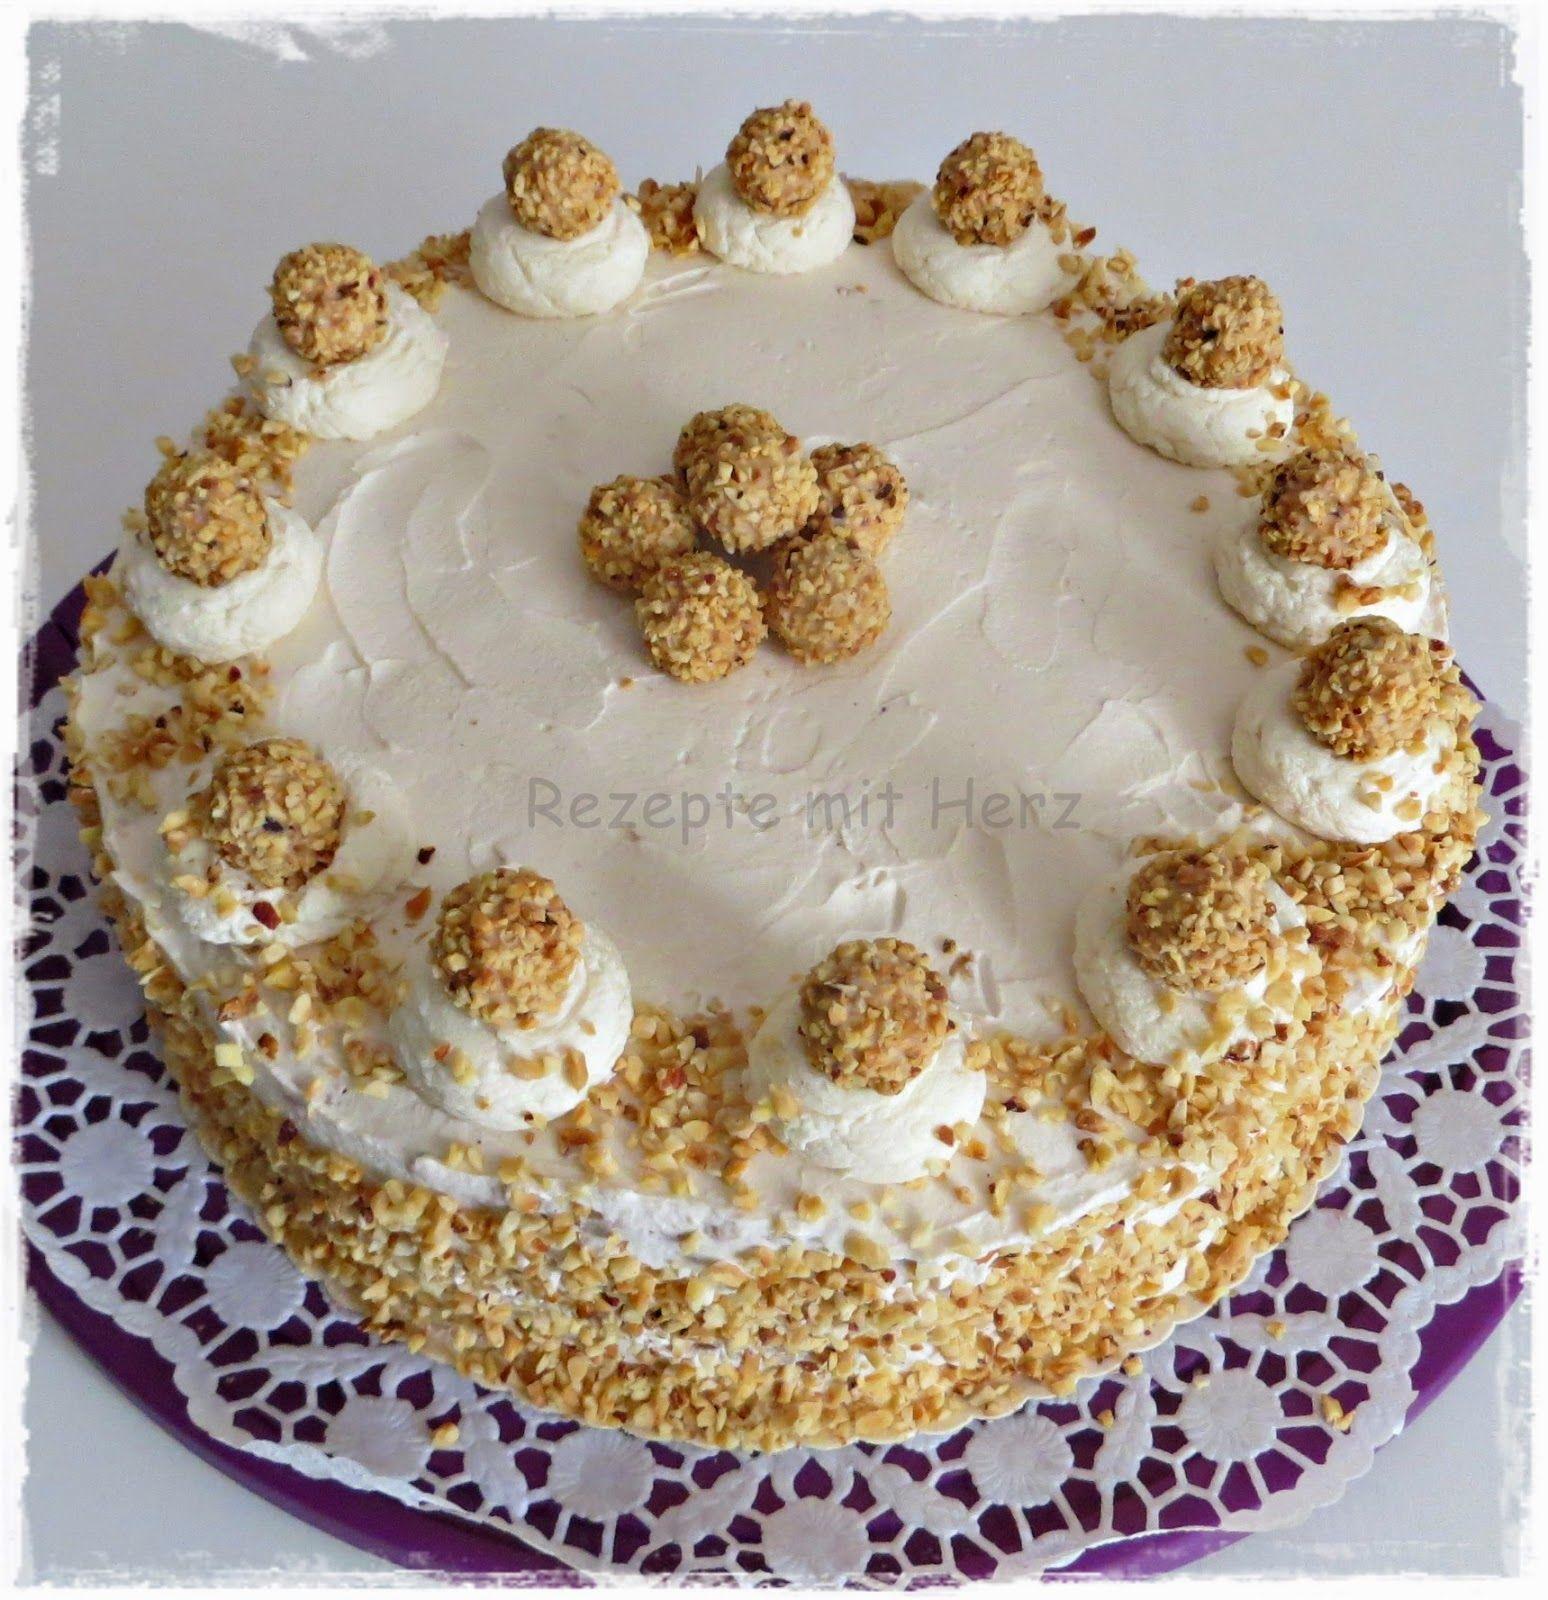 Rezepte mit Herz ♥ Giotto Torte